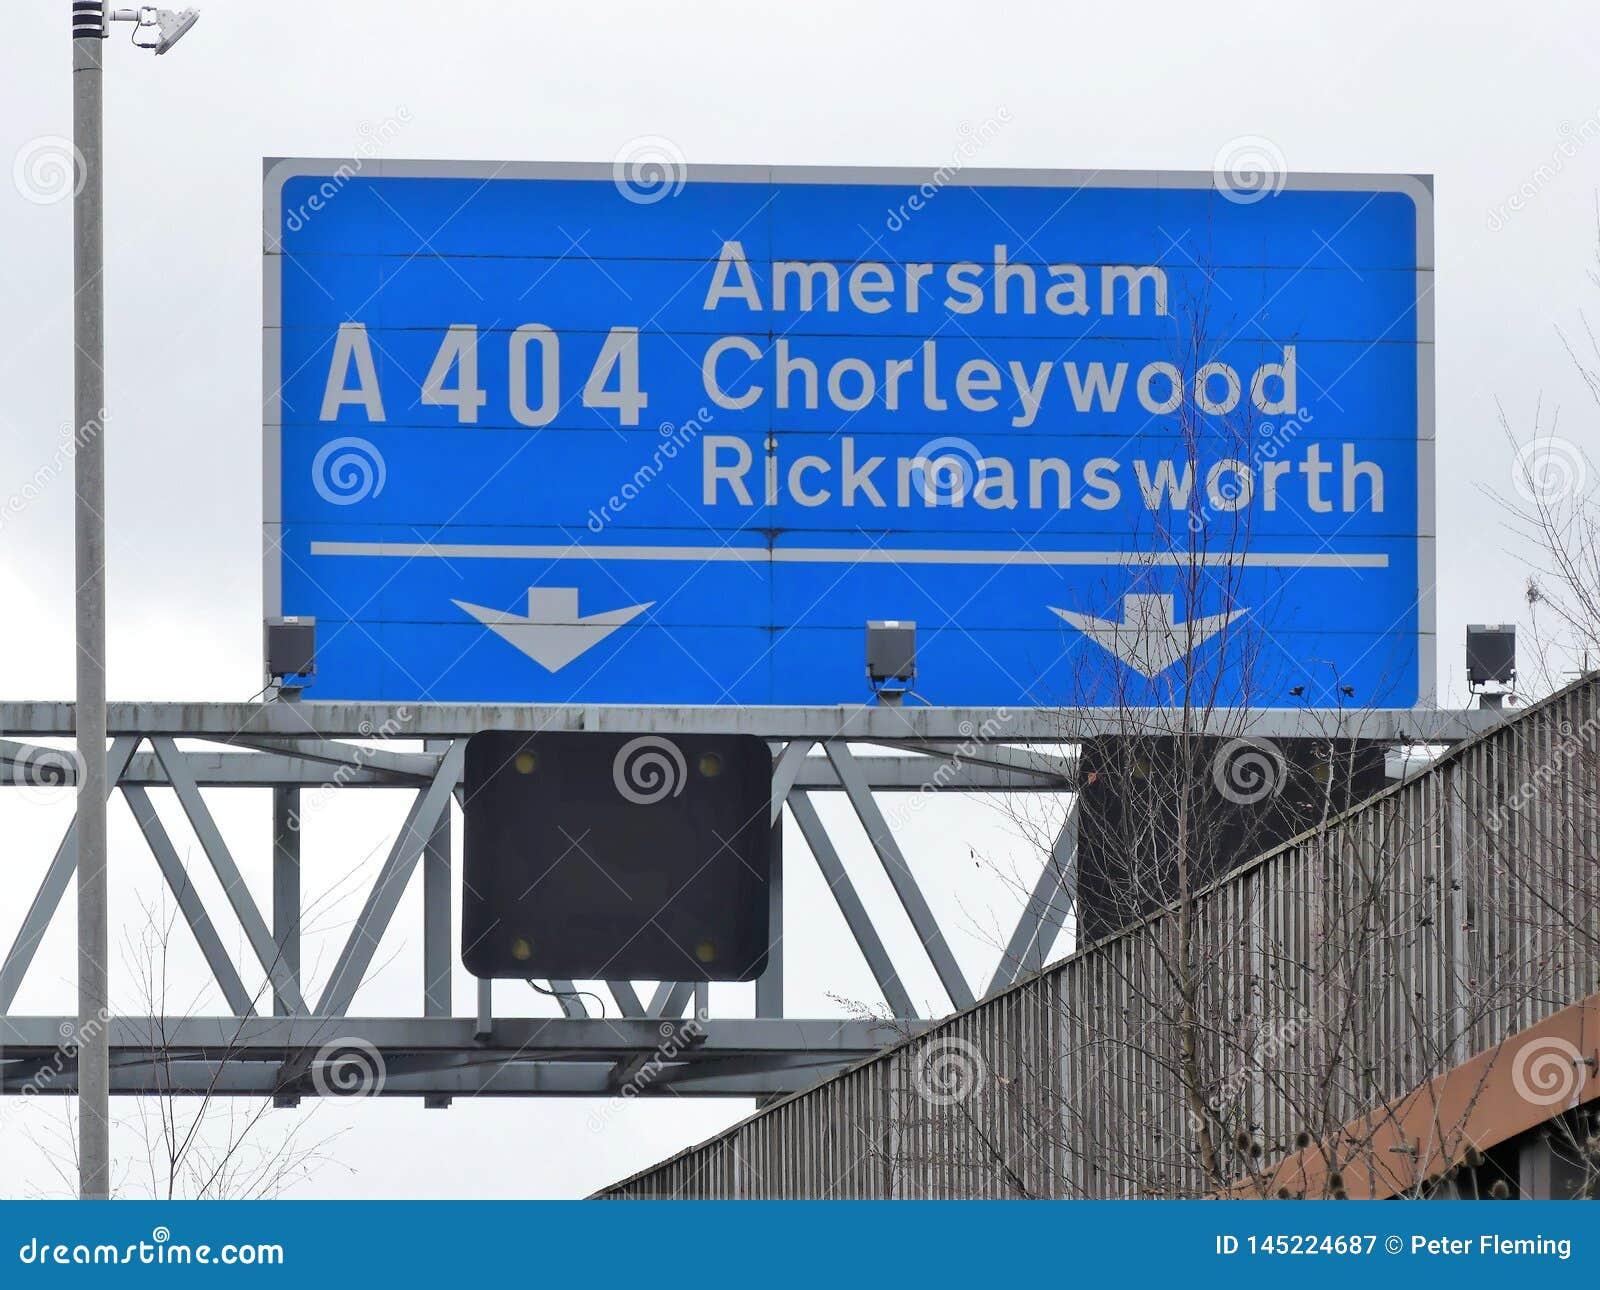 Muestra de la salida de la autopista M25 en el empalme 18 para Amersham, Chorleywood y Rickmansworth